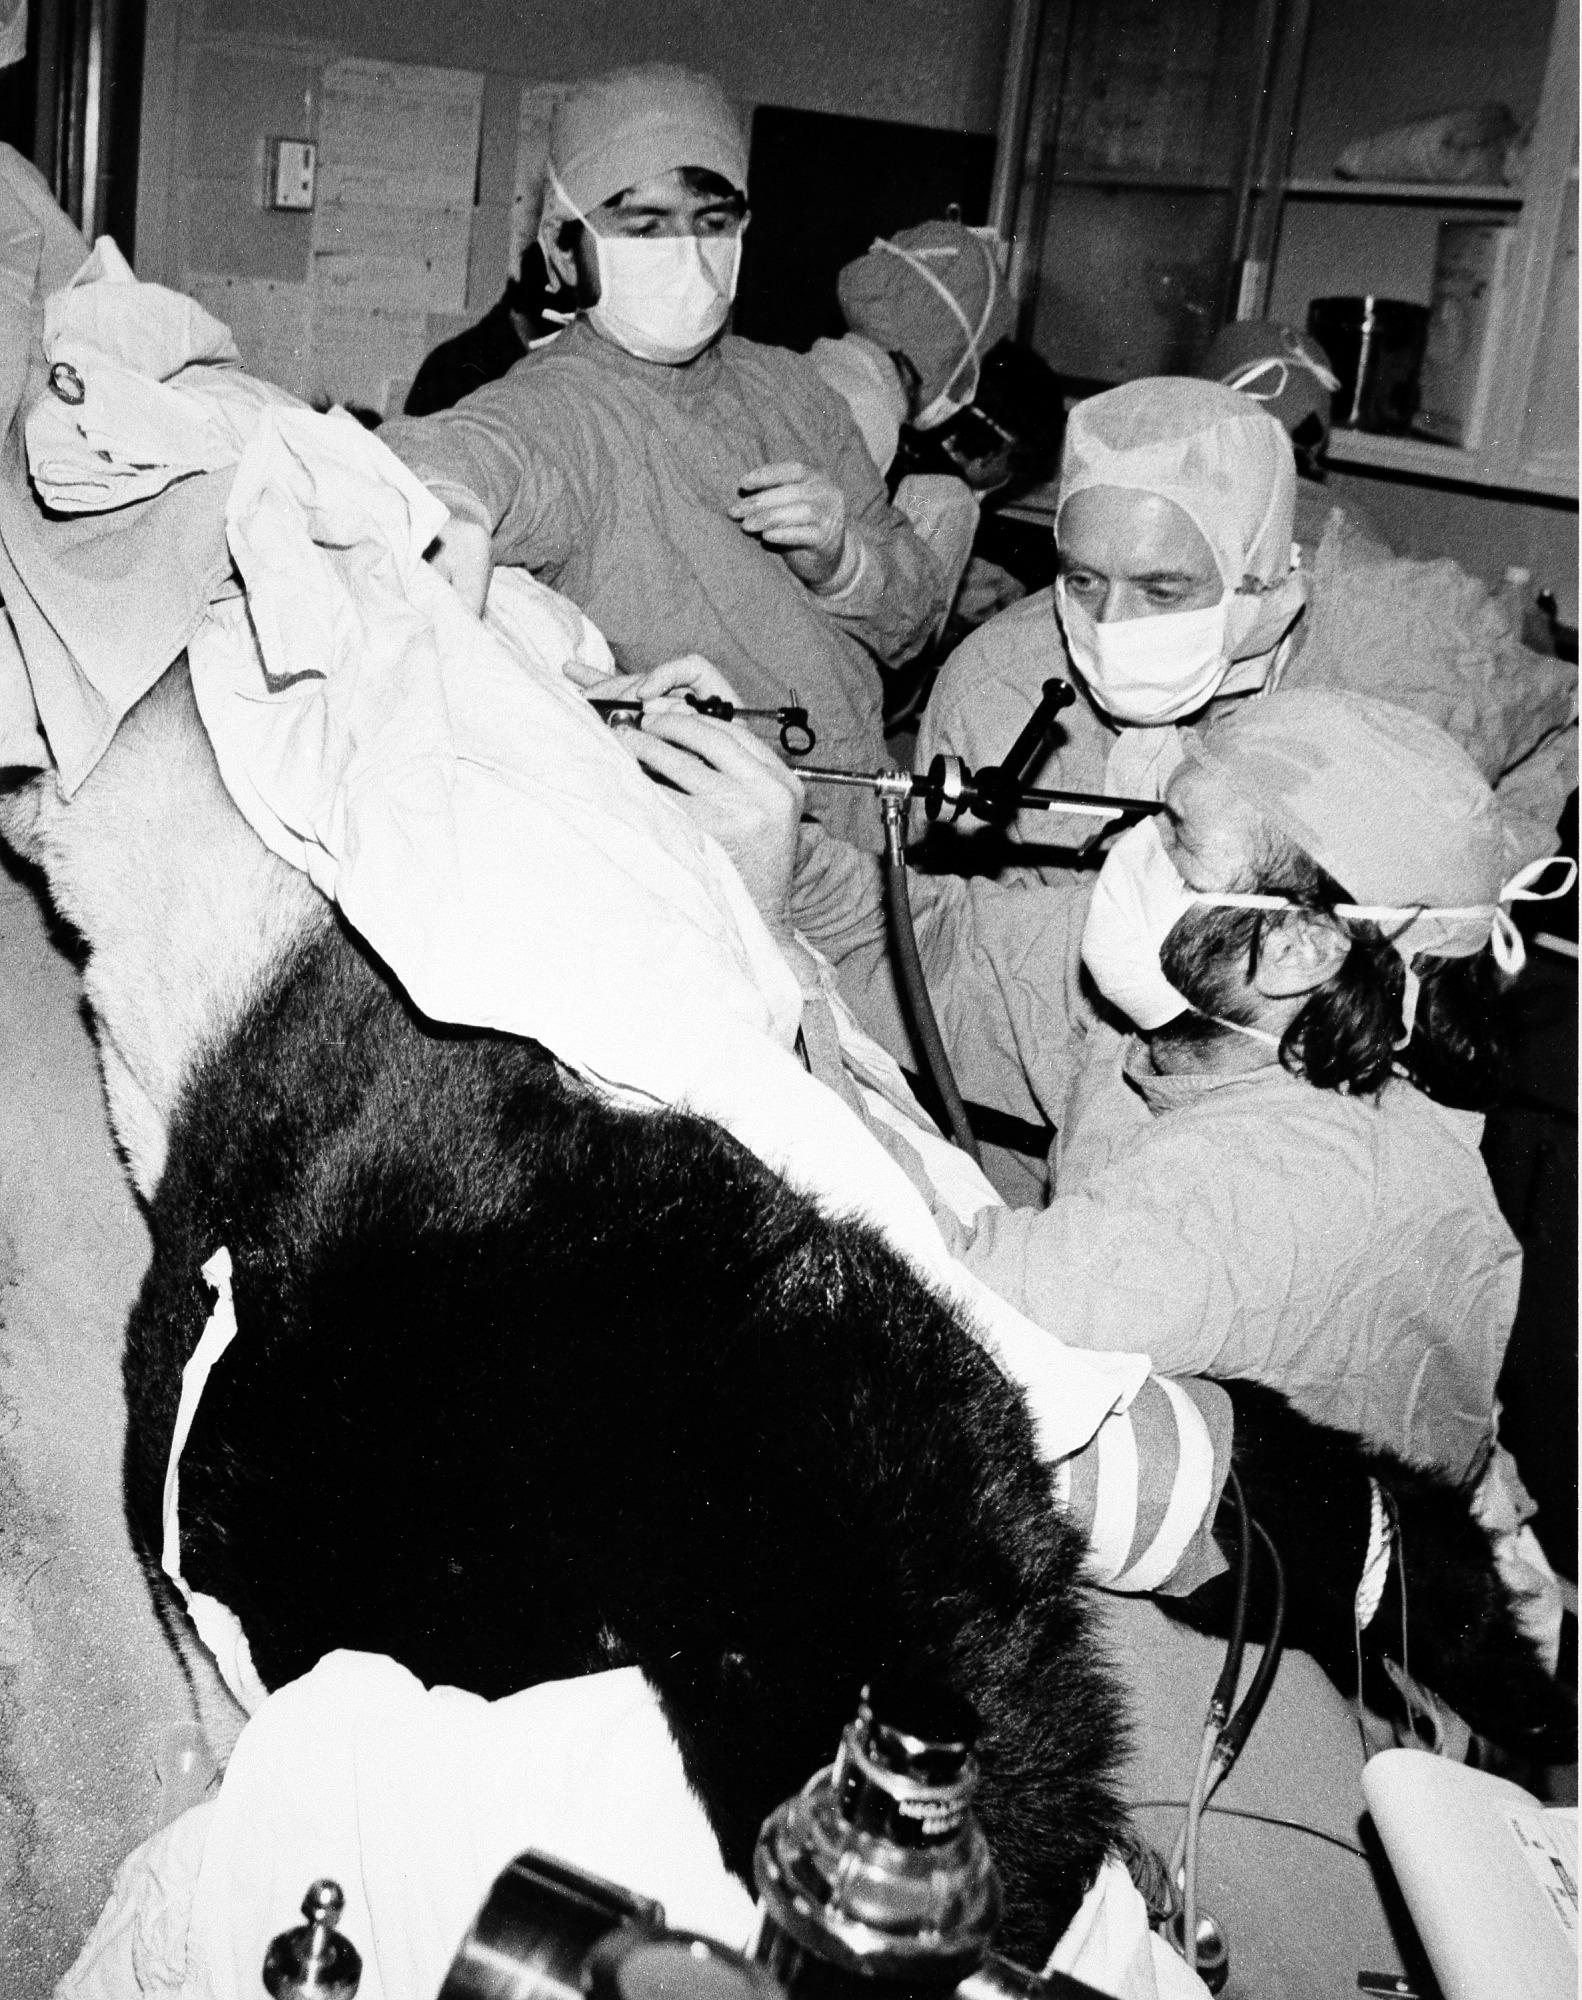 Medical Examination of Giant Panda